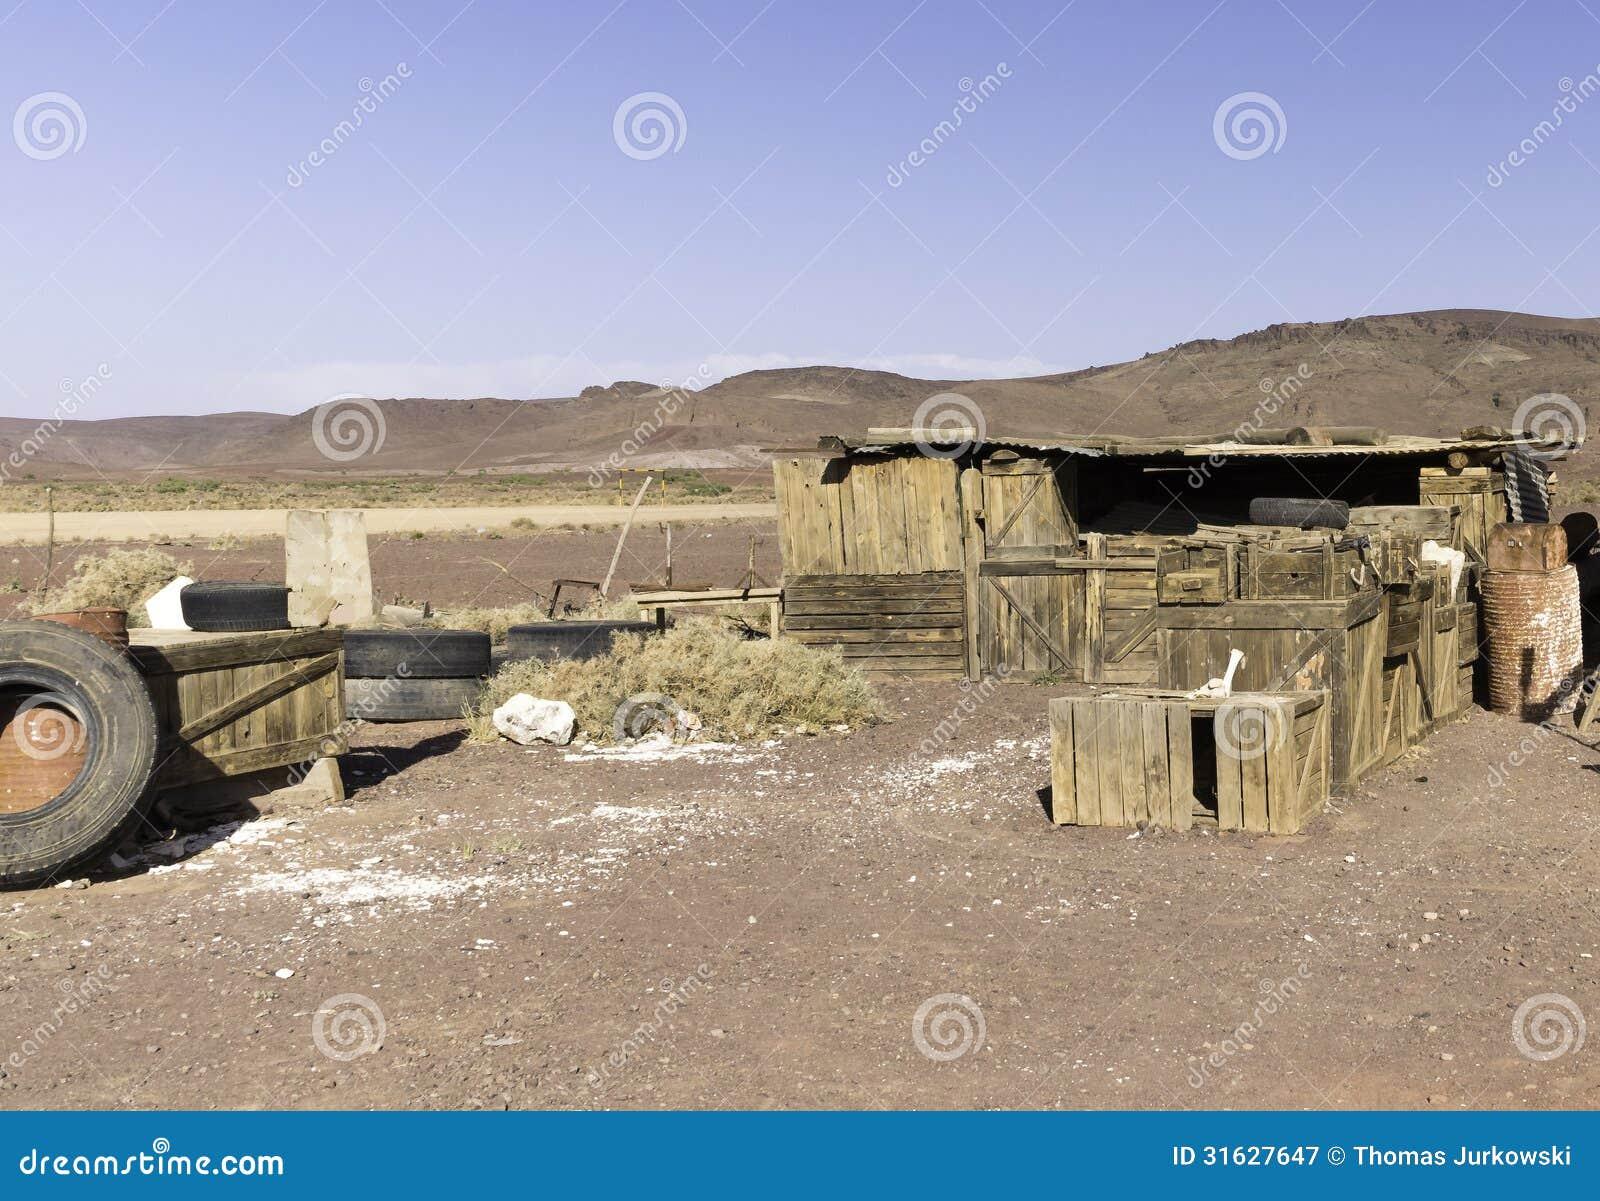 Gamla träspjällådor i Marocko. Fastställd design för gastillflyktsort